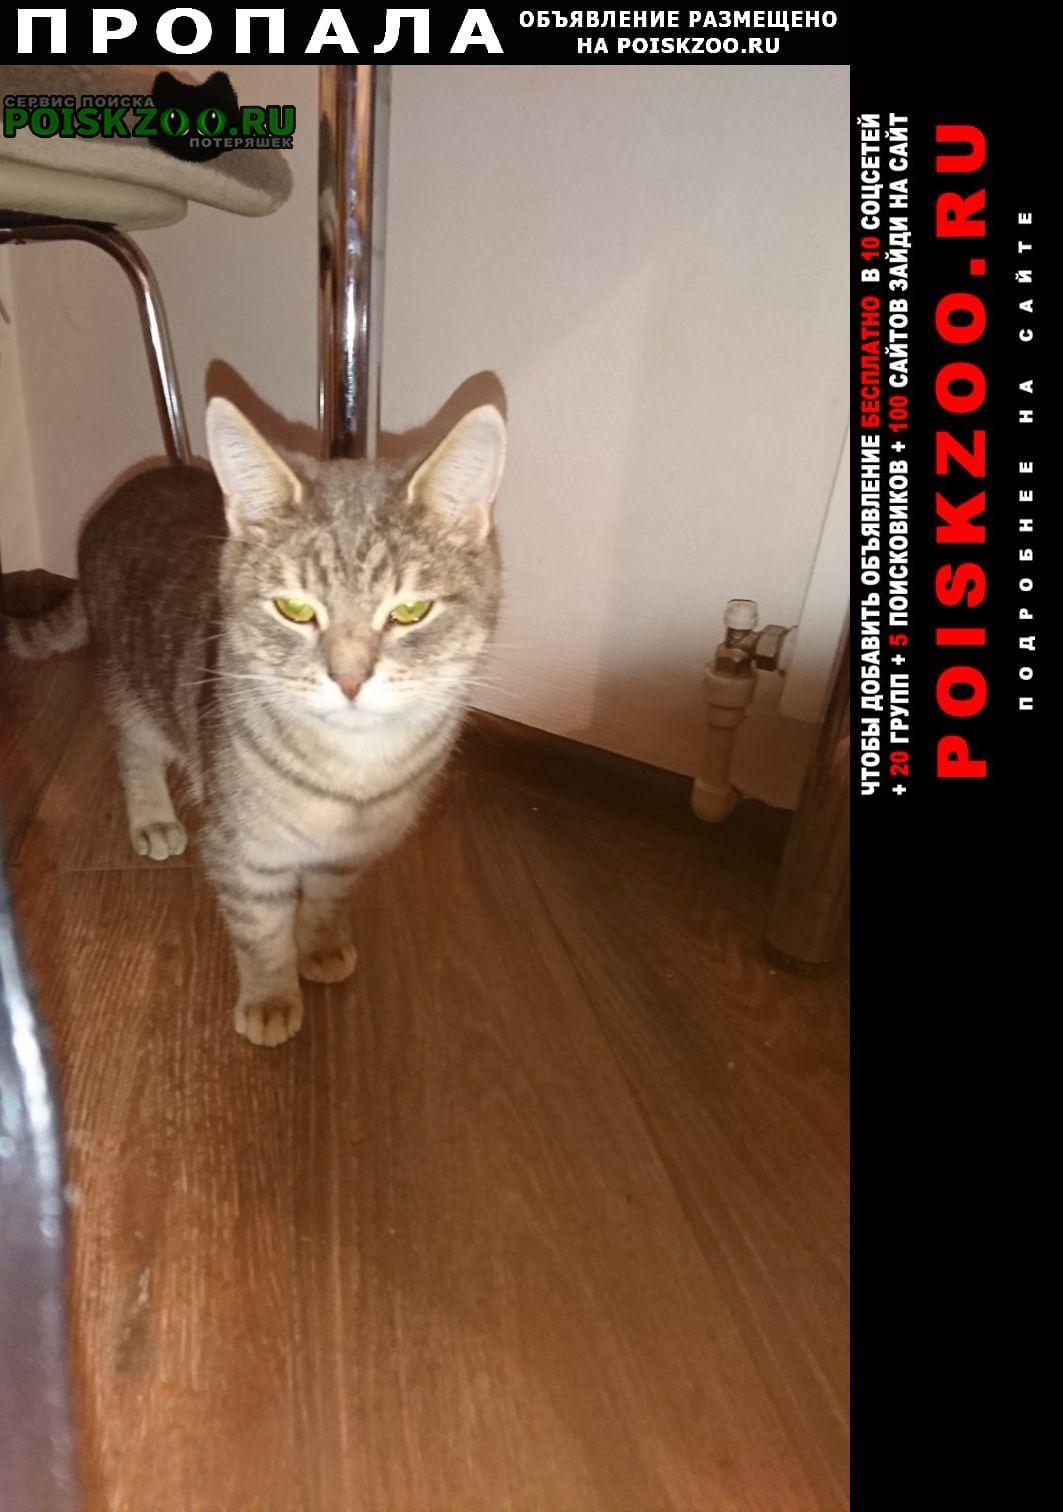 Пропала кошка кот Петушки